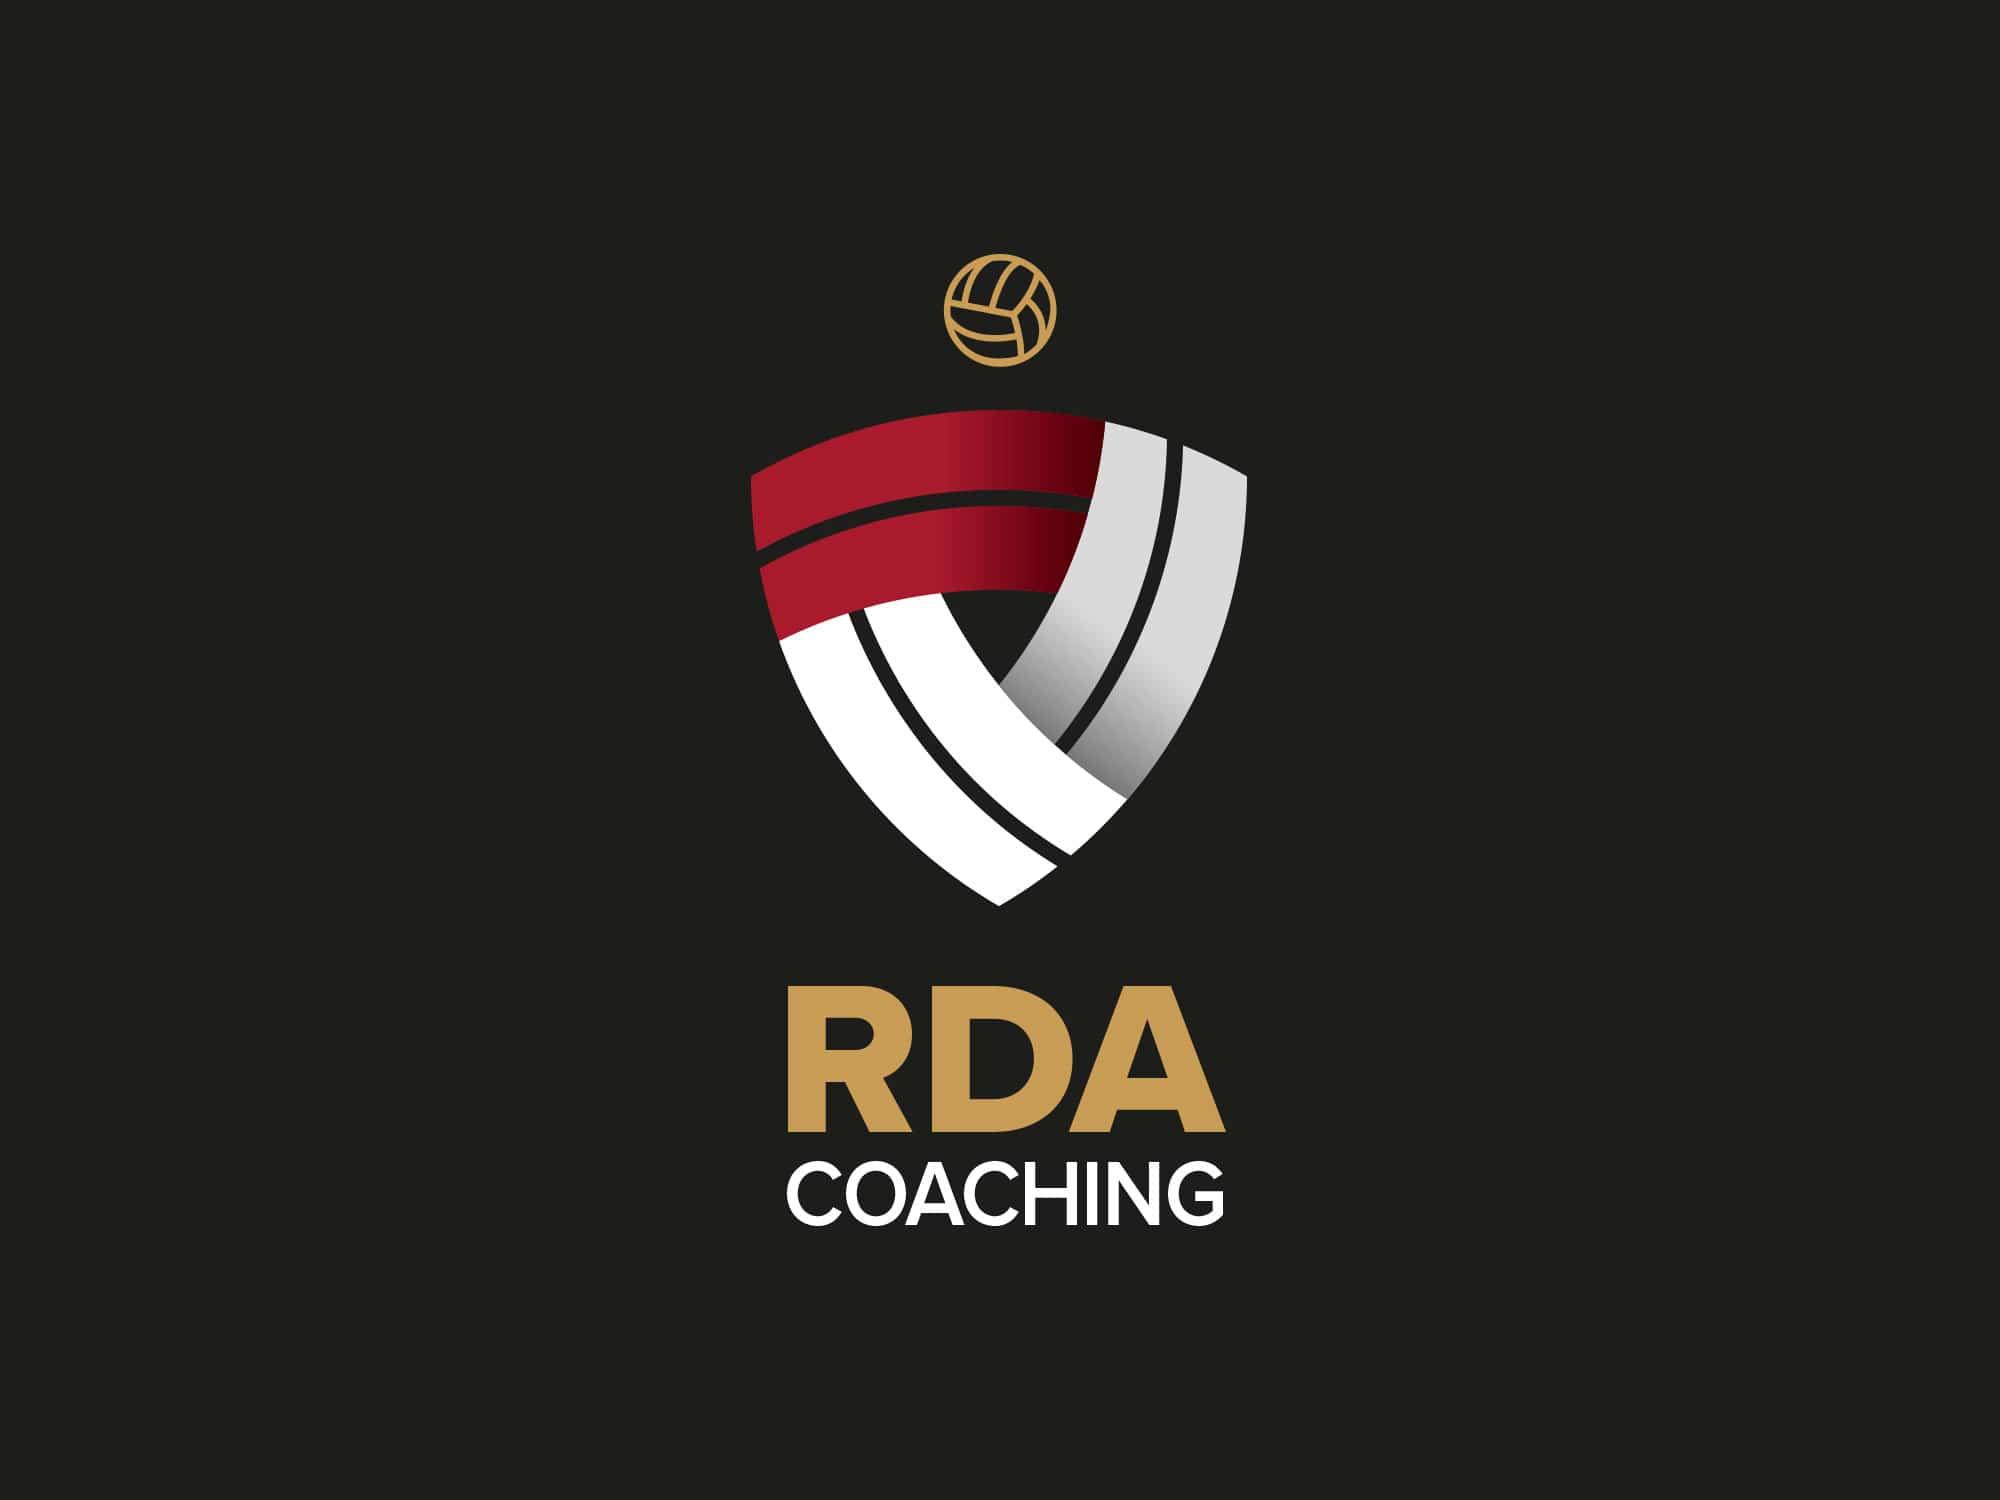 RDA Coaching & Performance Analysis